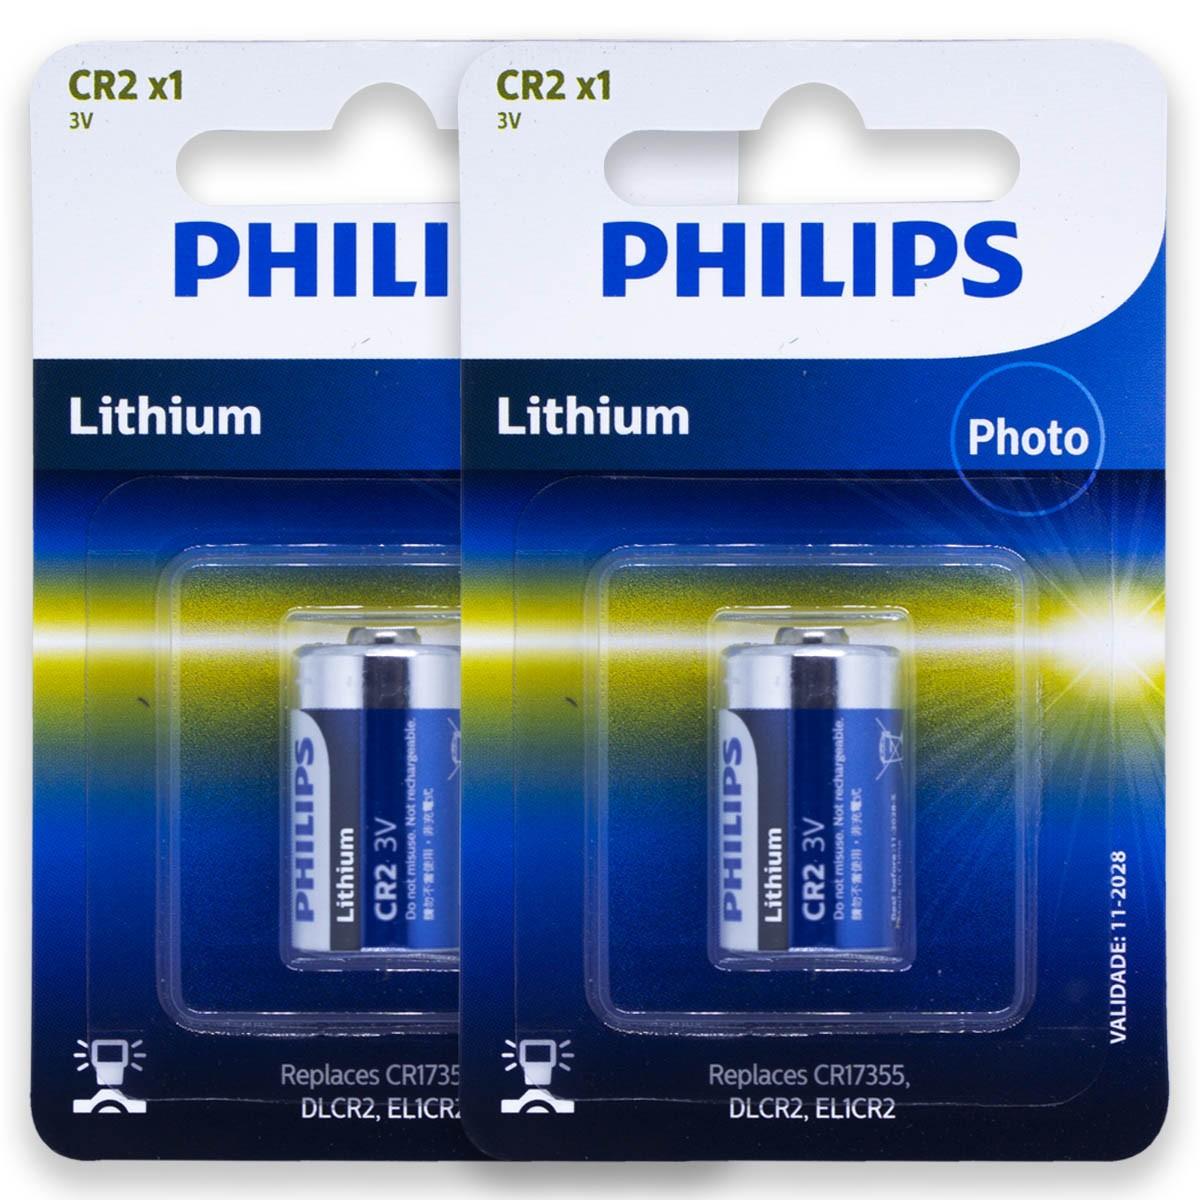 02 Pilhas PHILIPS CR2 3V Bateria 2 cartelas